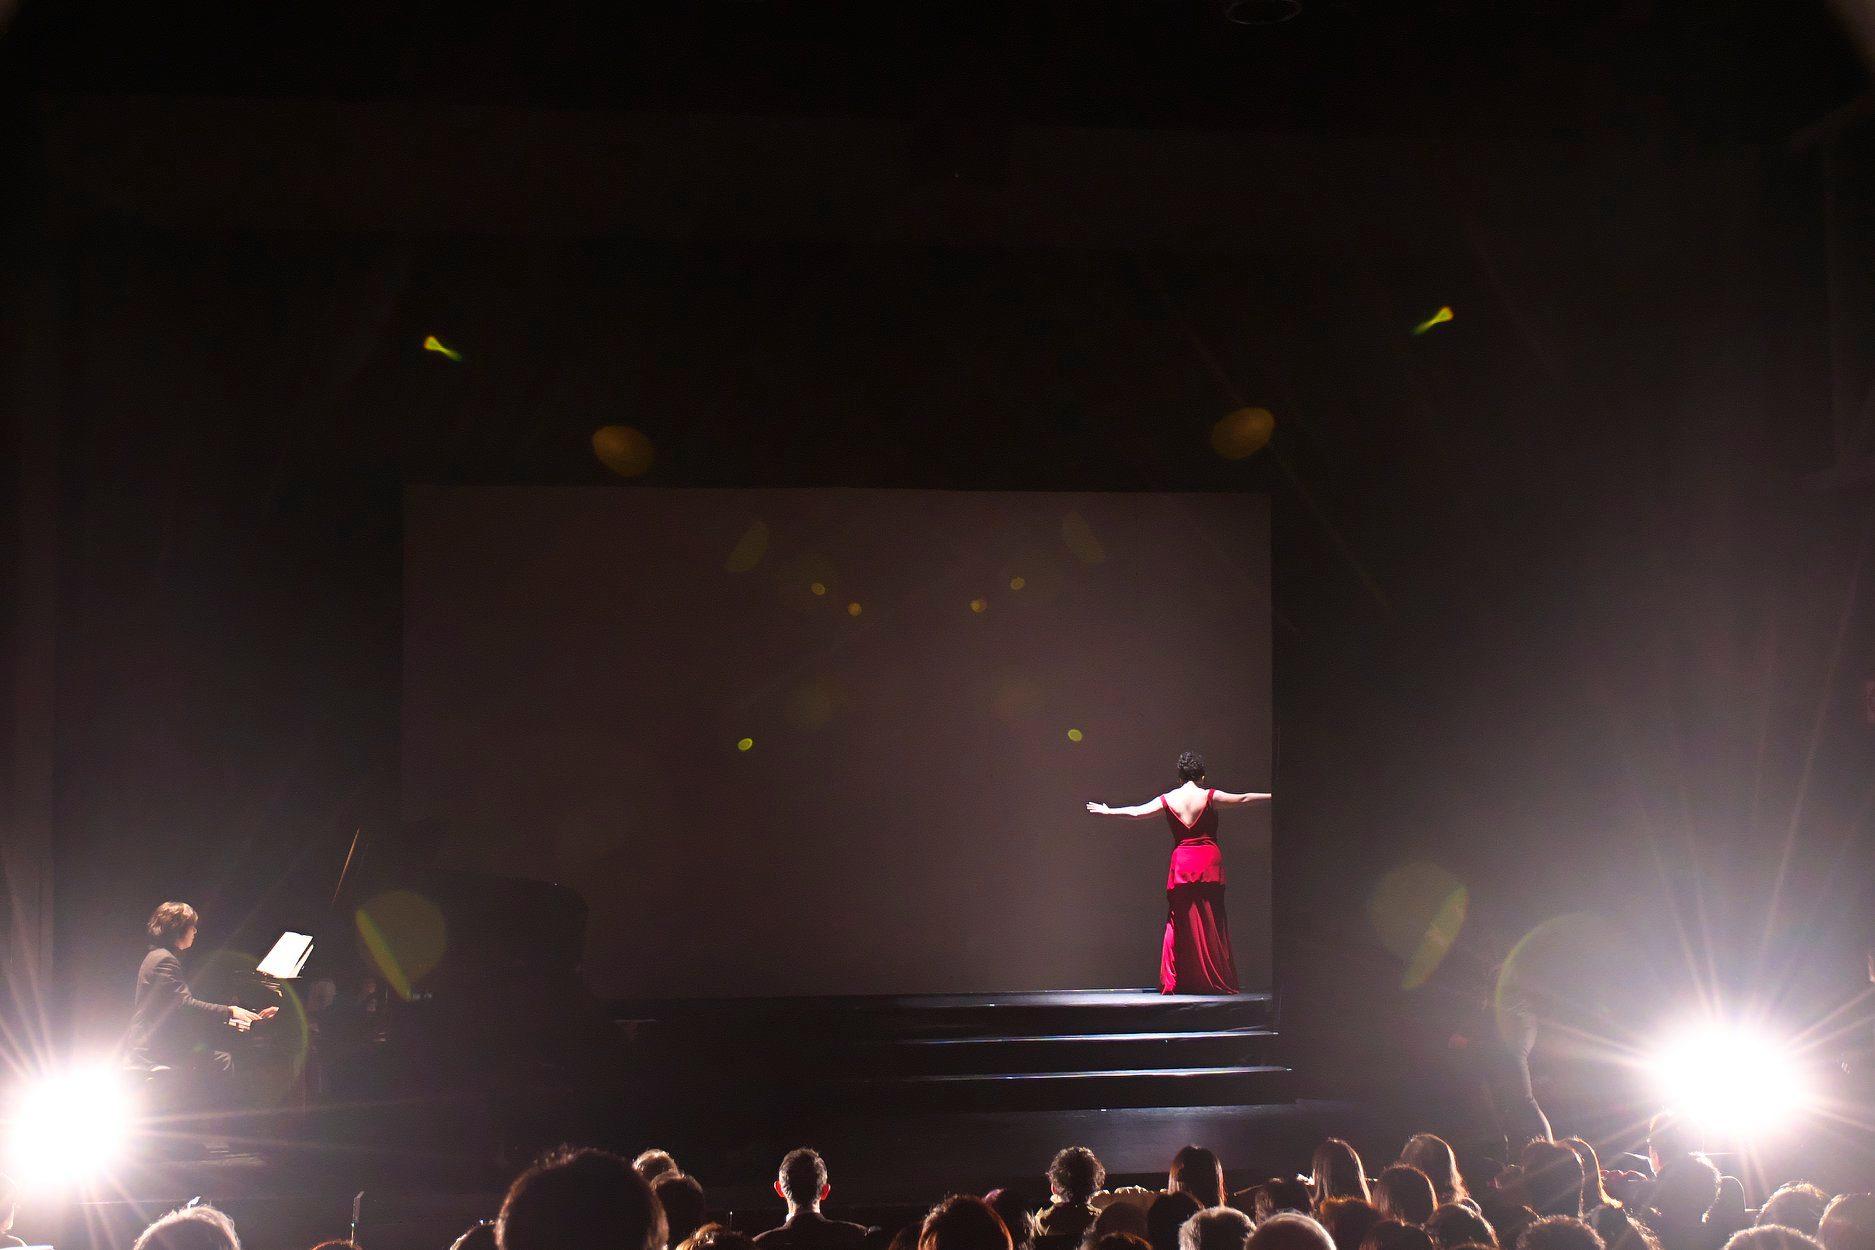 《トスカ》舞台写真をアップして頂きました